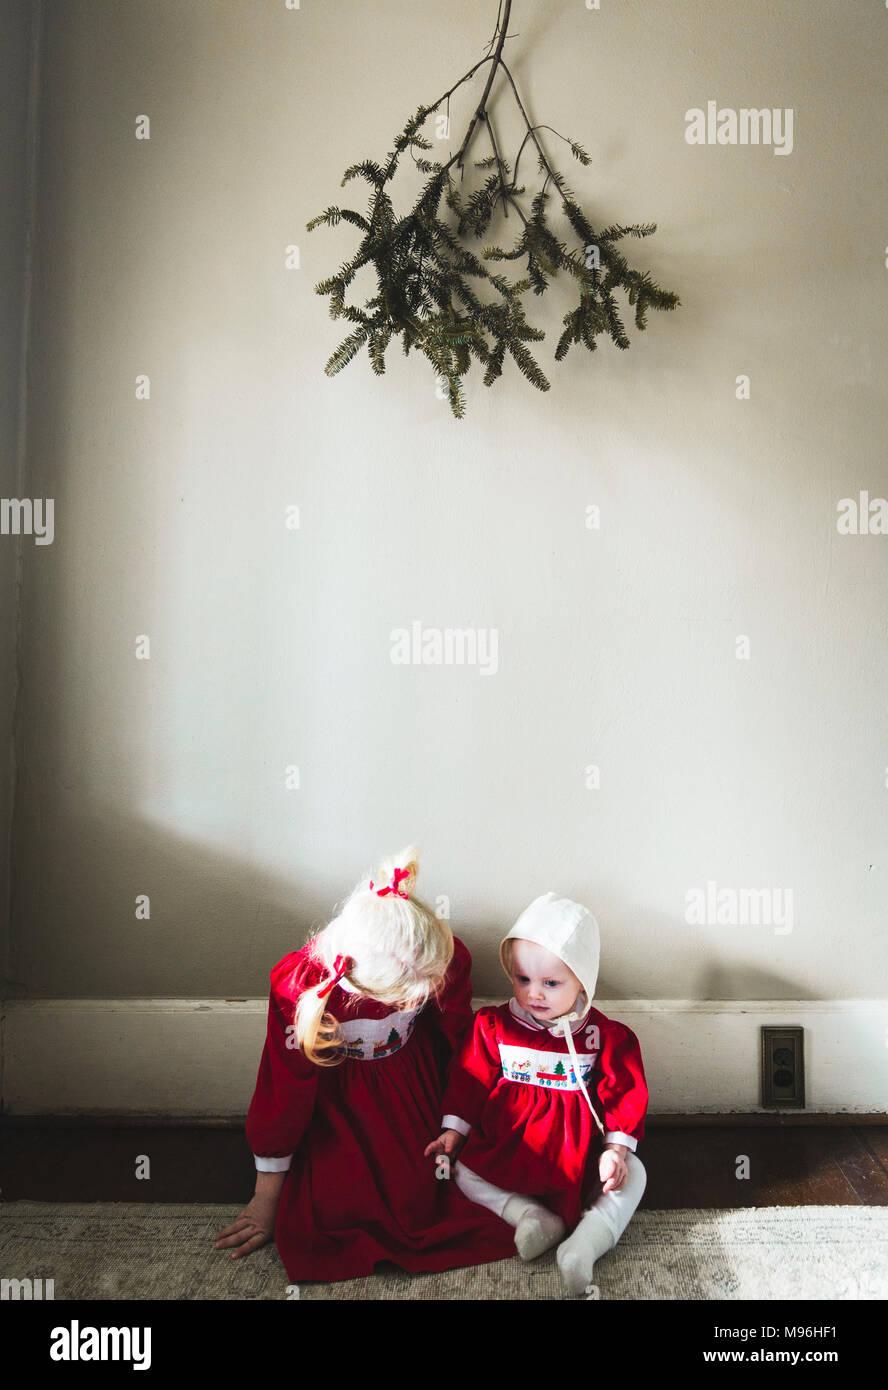 La ragazza e il bambino seduto sul pavimento al di sotto del verde Immagini Stock